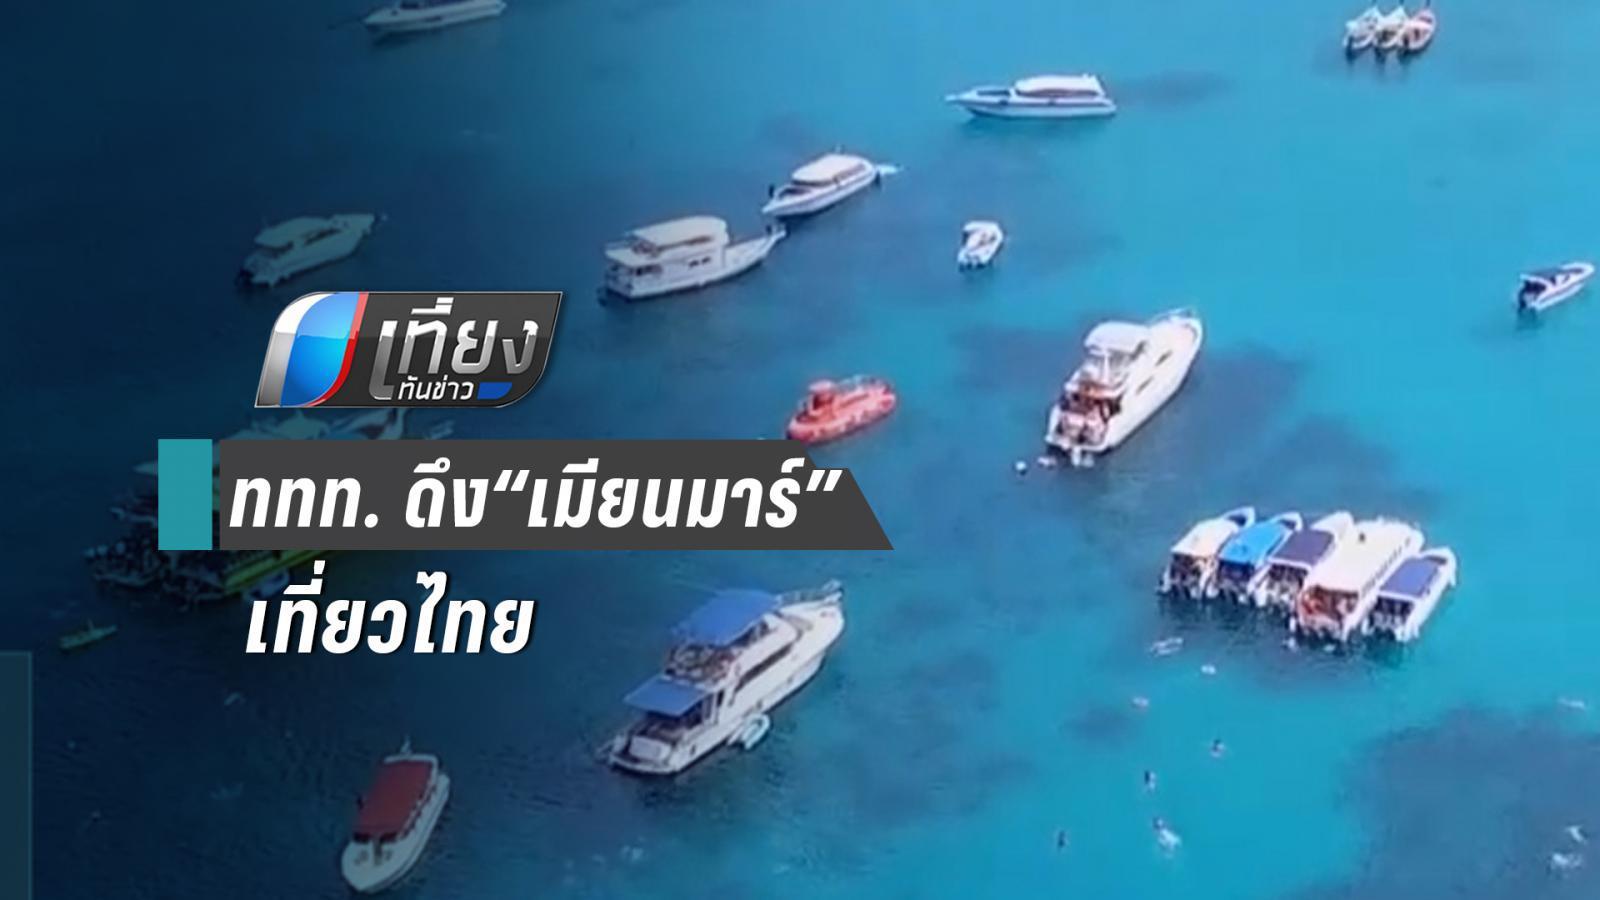 ททท. หวังดึงนักท่องเที่ยวเมียนมาร์ เข้าเที่ยวไทย